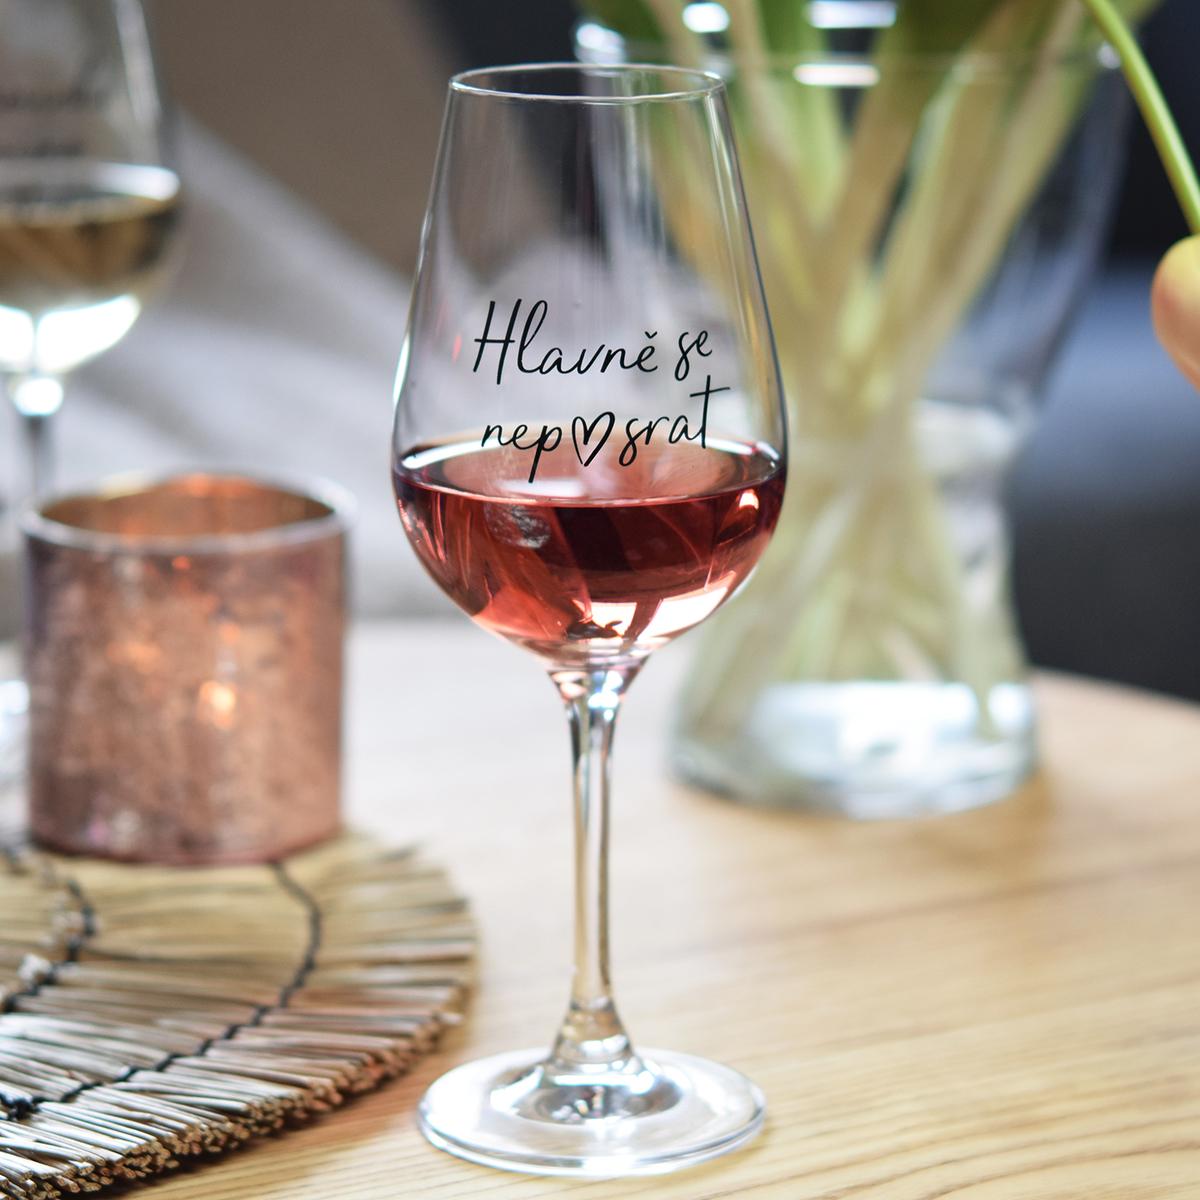 HOUSEDECOR Sklenice na víno - Hlavně se nep♥srat